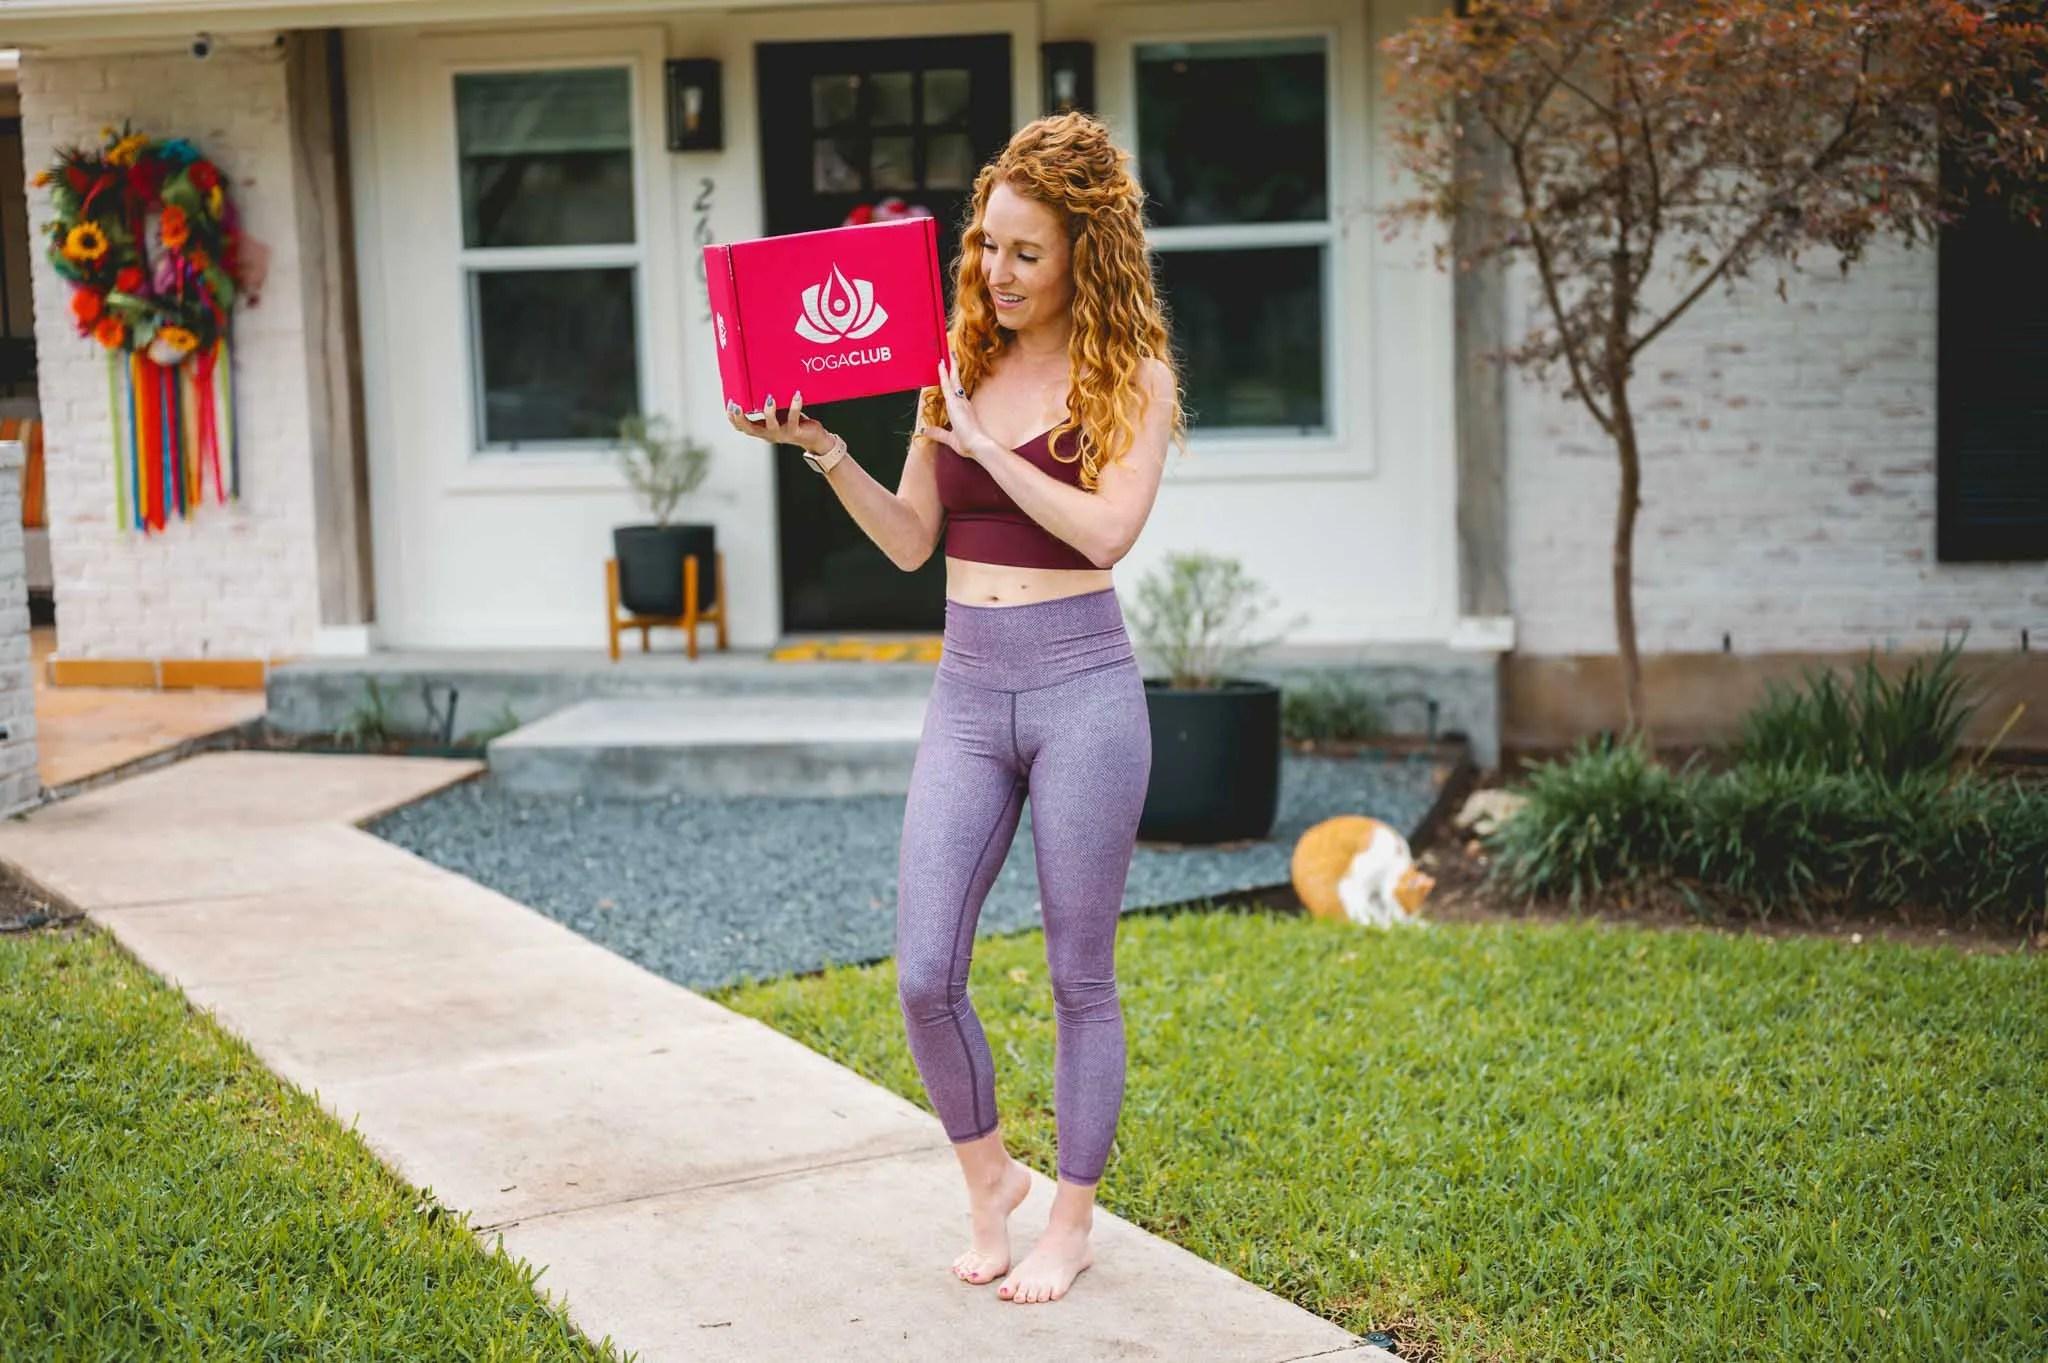 Yoga Club Box